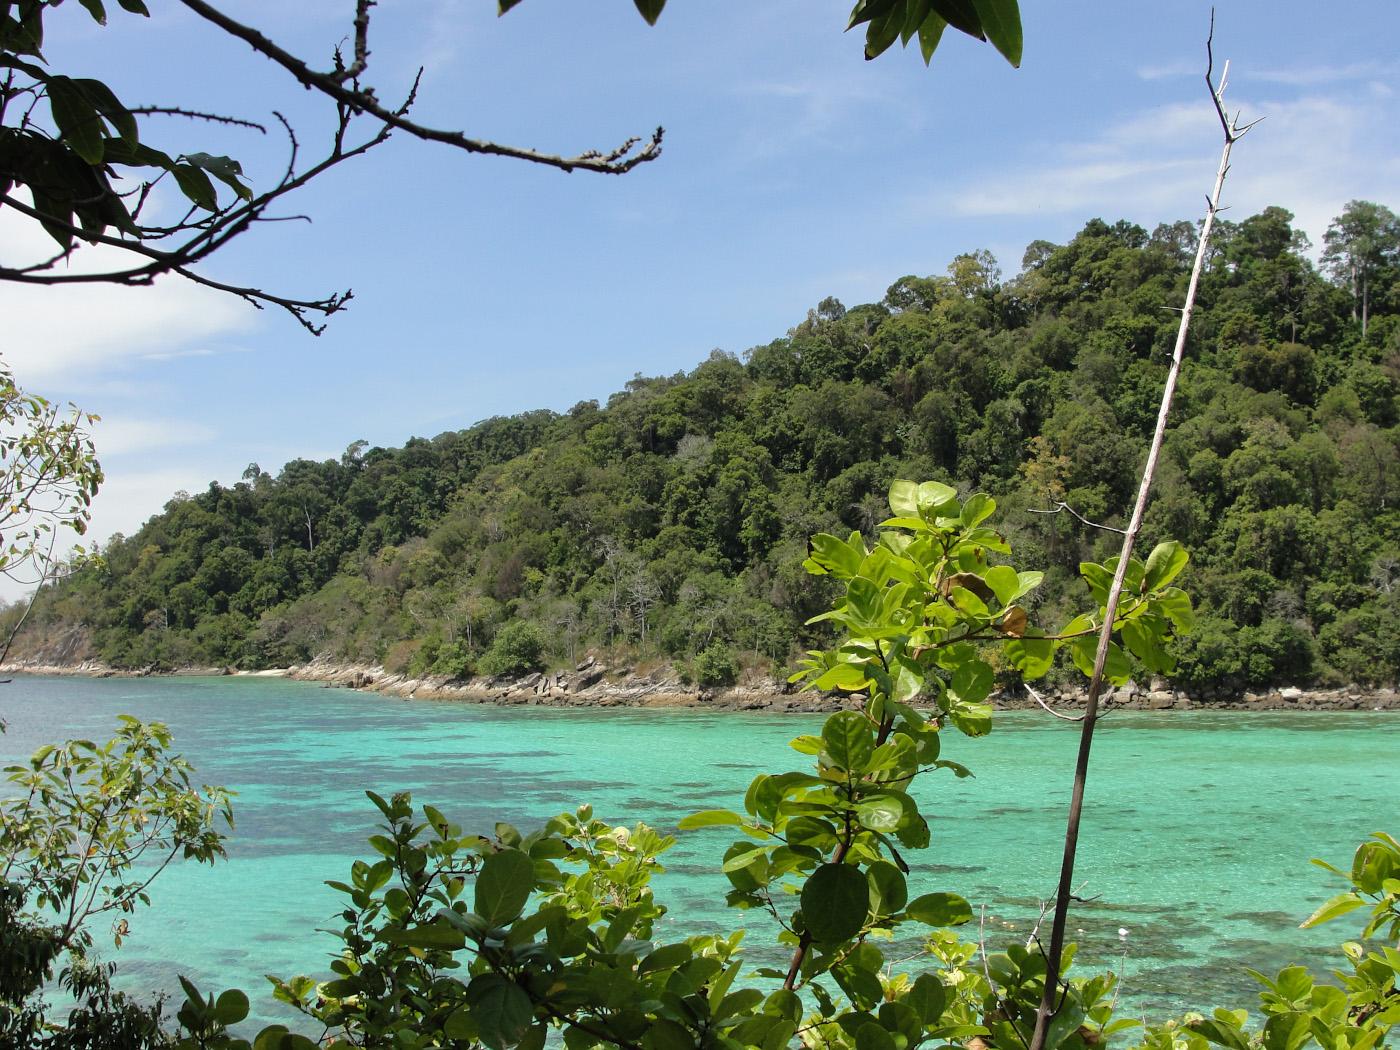 Фотография 22. Отзывы о поездке на остров Koh Rokroy. Стоит ли ехать в Таиланд своим ходом? 1/200, 16.0, 100, 55.